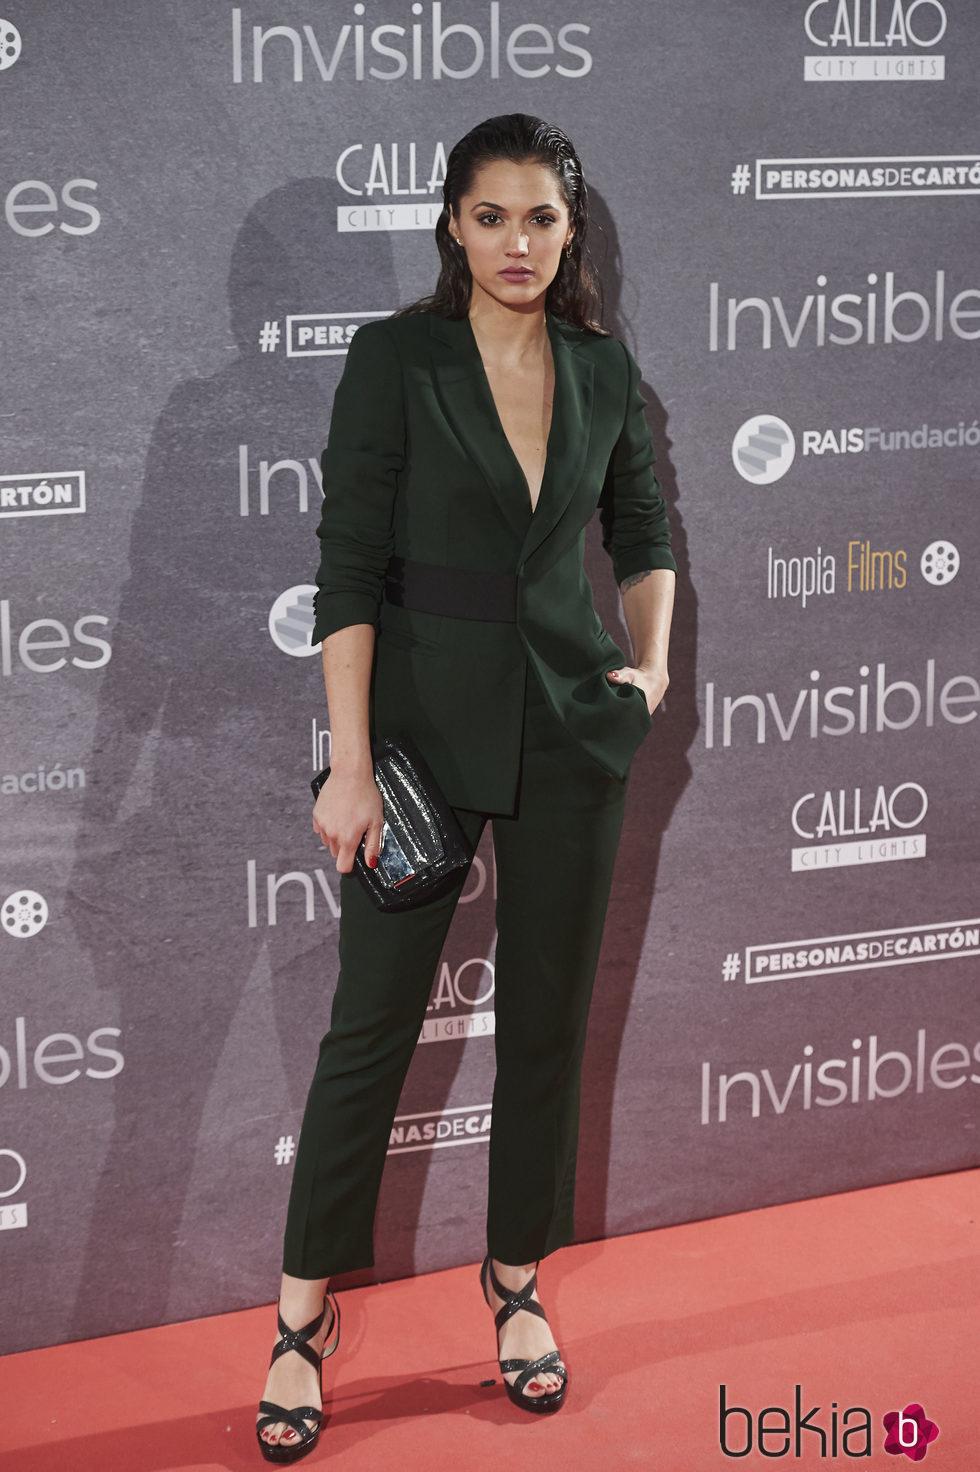 Michelle Calvó en el estreno de 'Invisibles' en Madrid